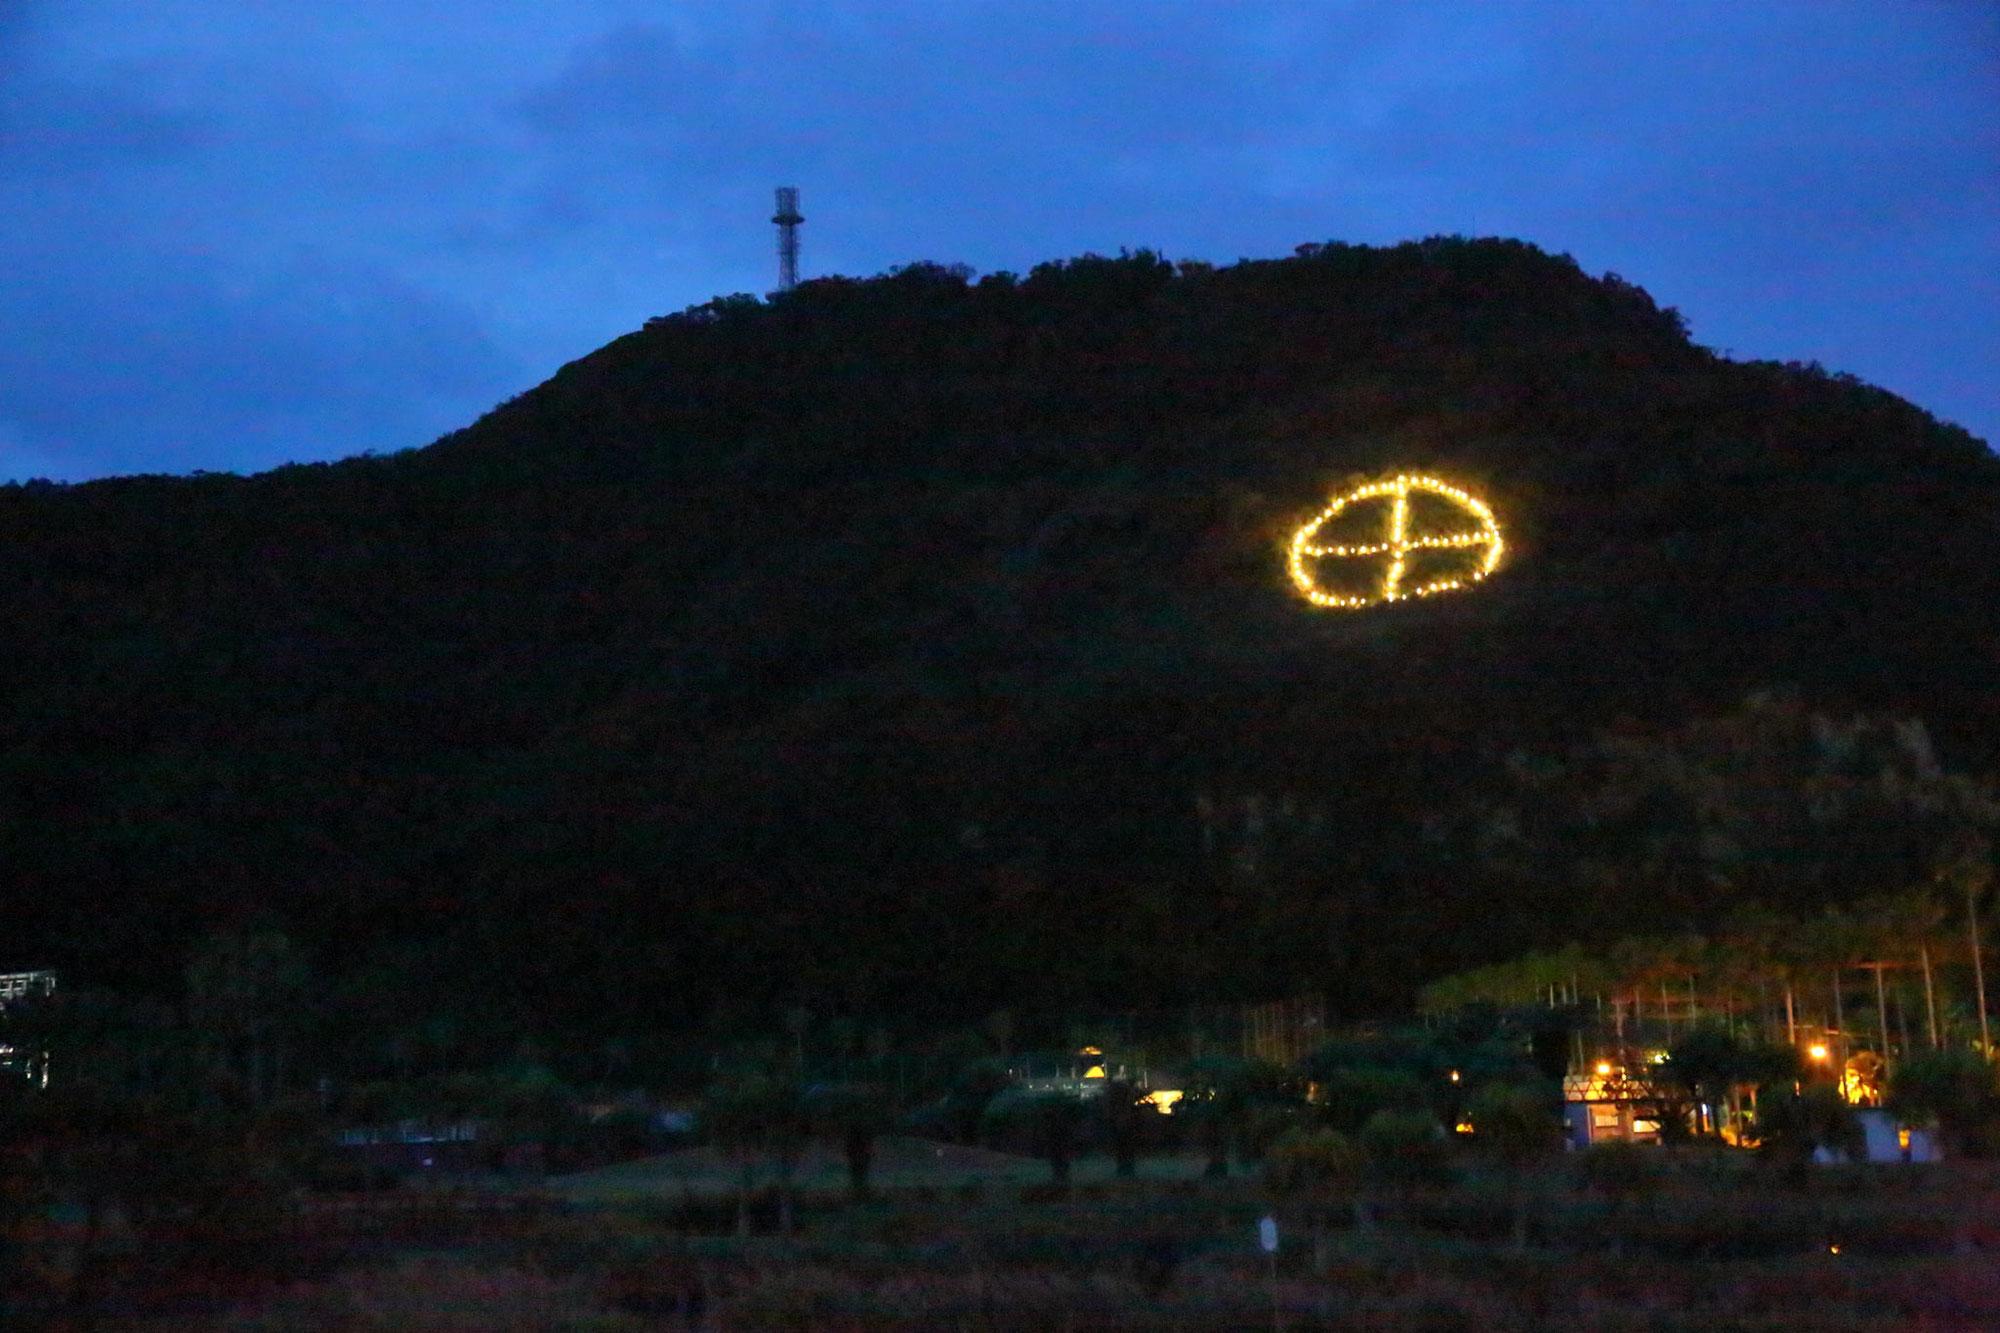 魚見岳に「丸に十の字」が点灯しました!